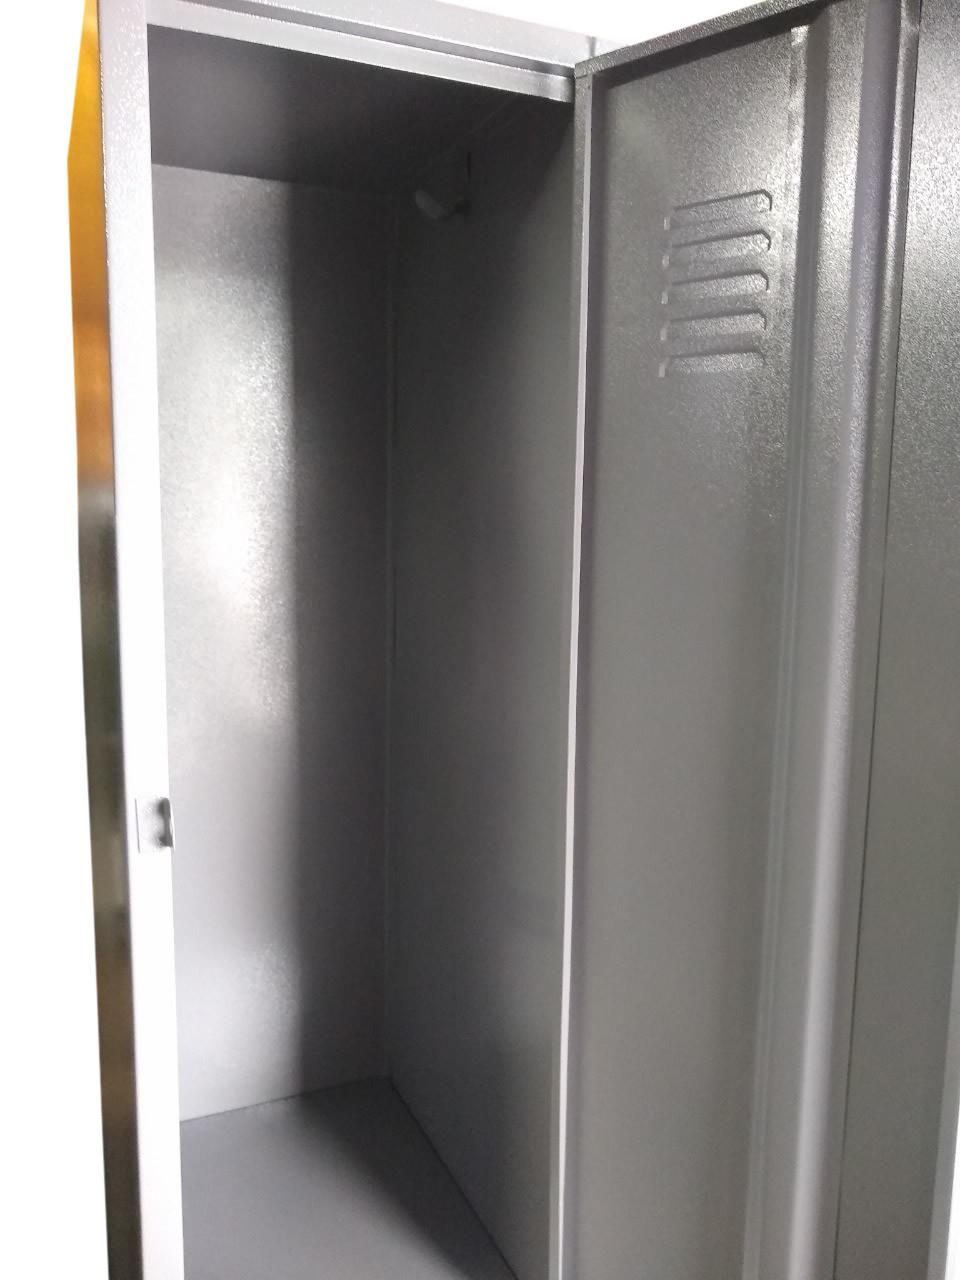 Armário Roupeiro de Aço - 2 Portas Grandes  - Tinay Móveis Ltda